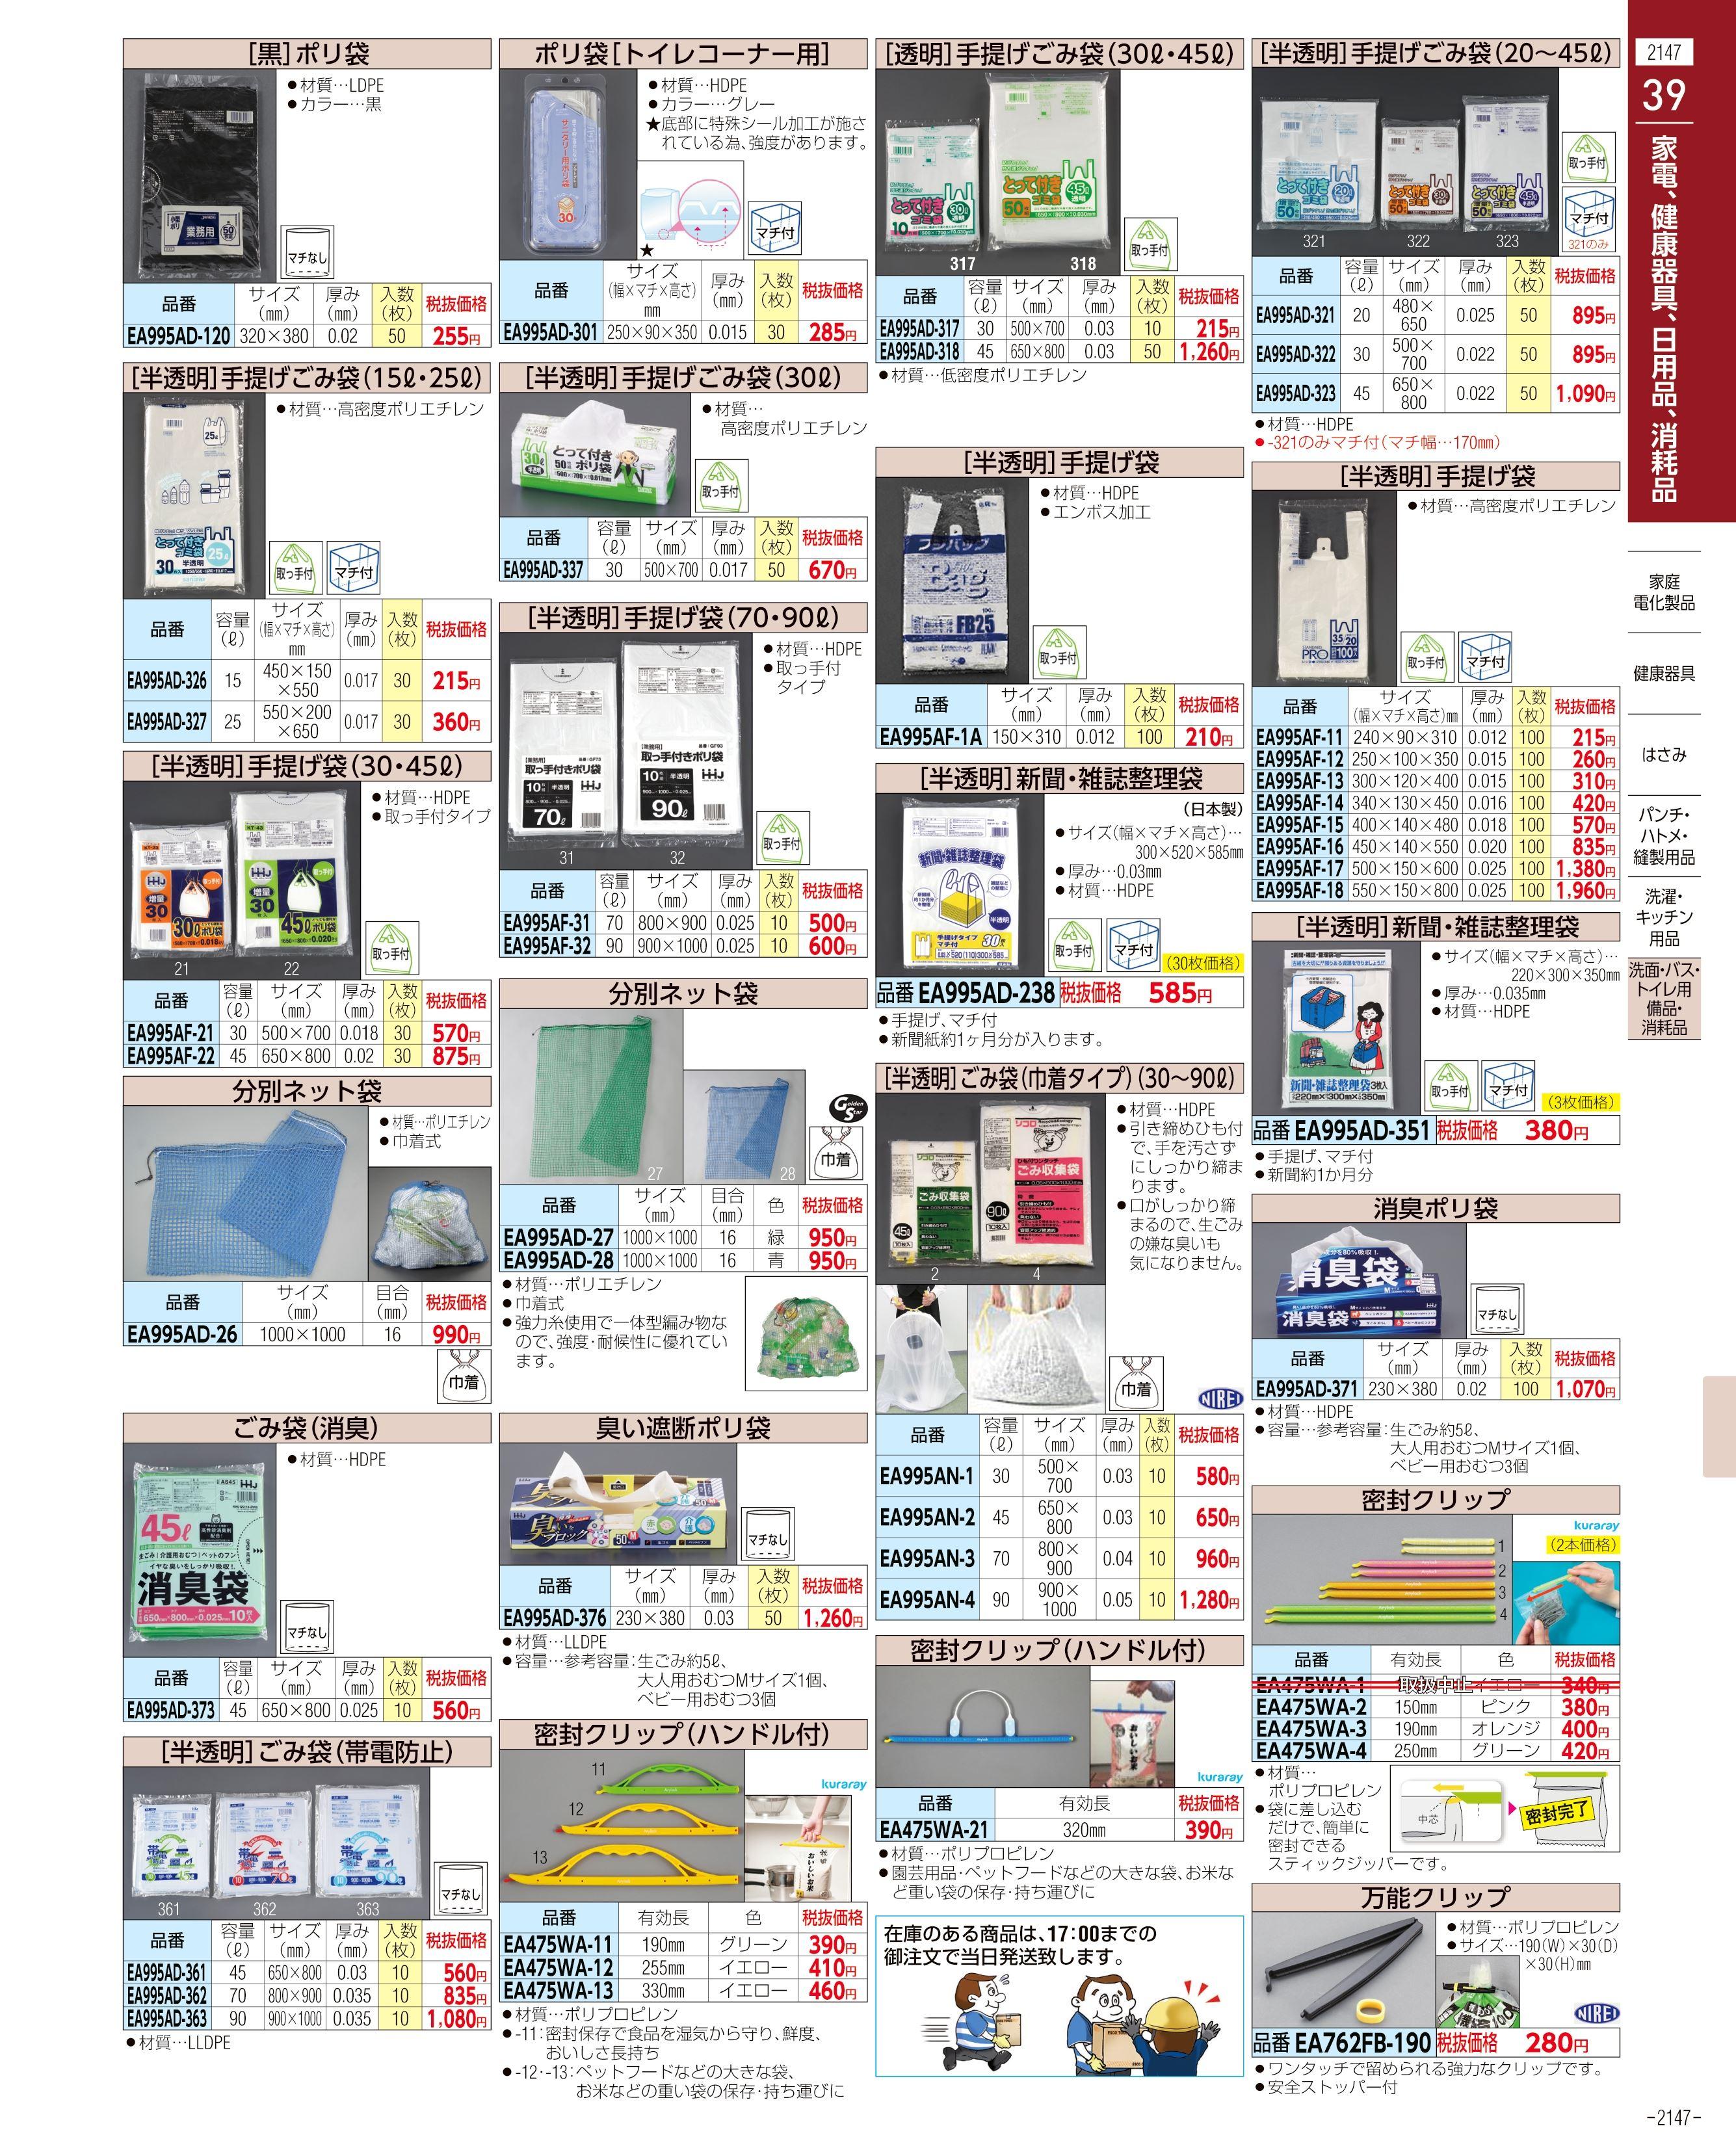 エスコ便利カタログ2147ページ